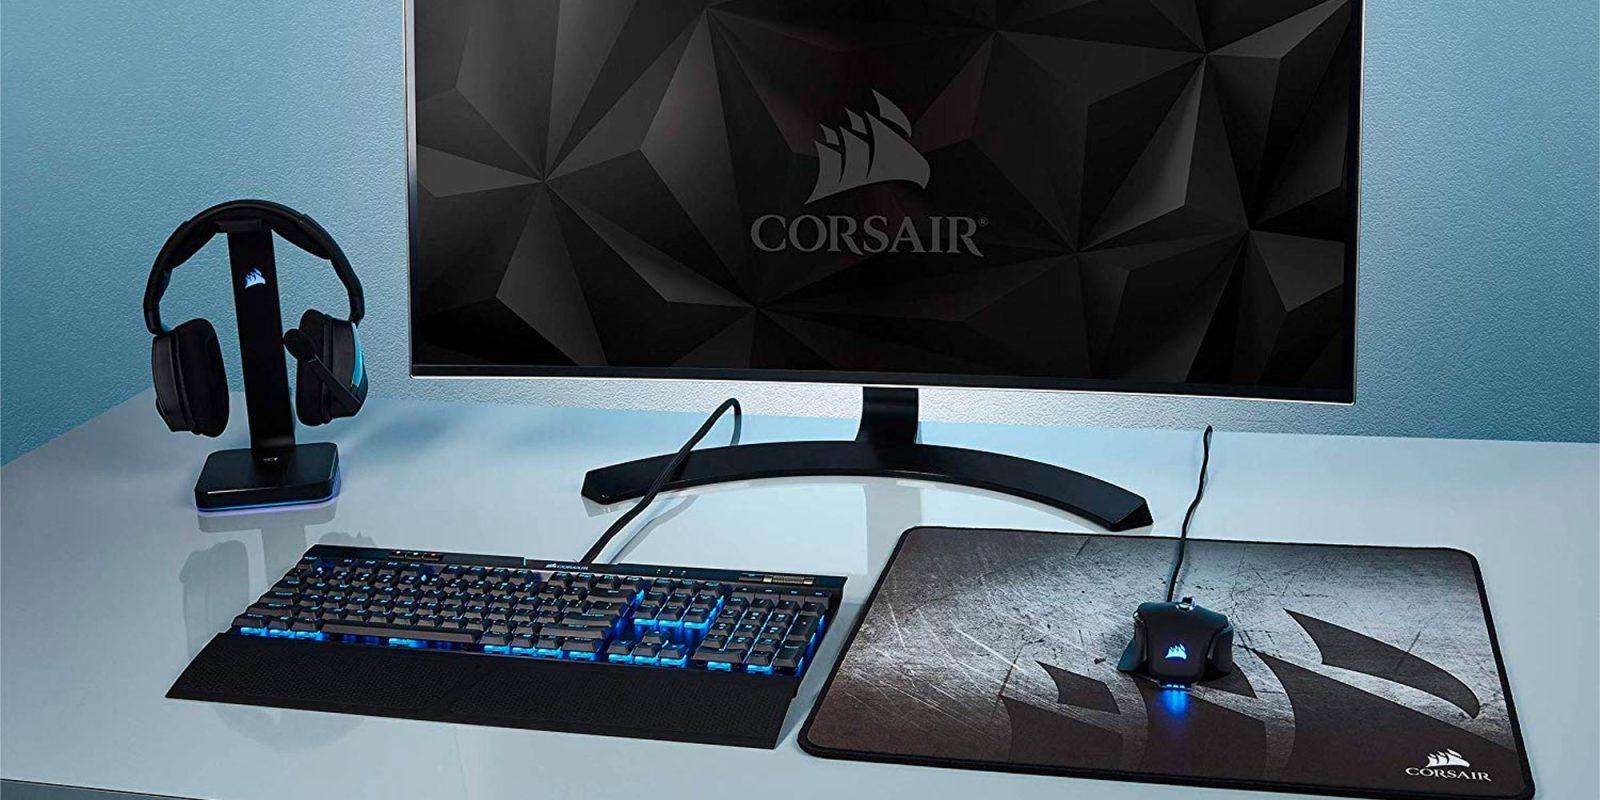 Corsair - 9to5Toys